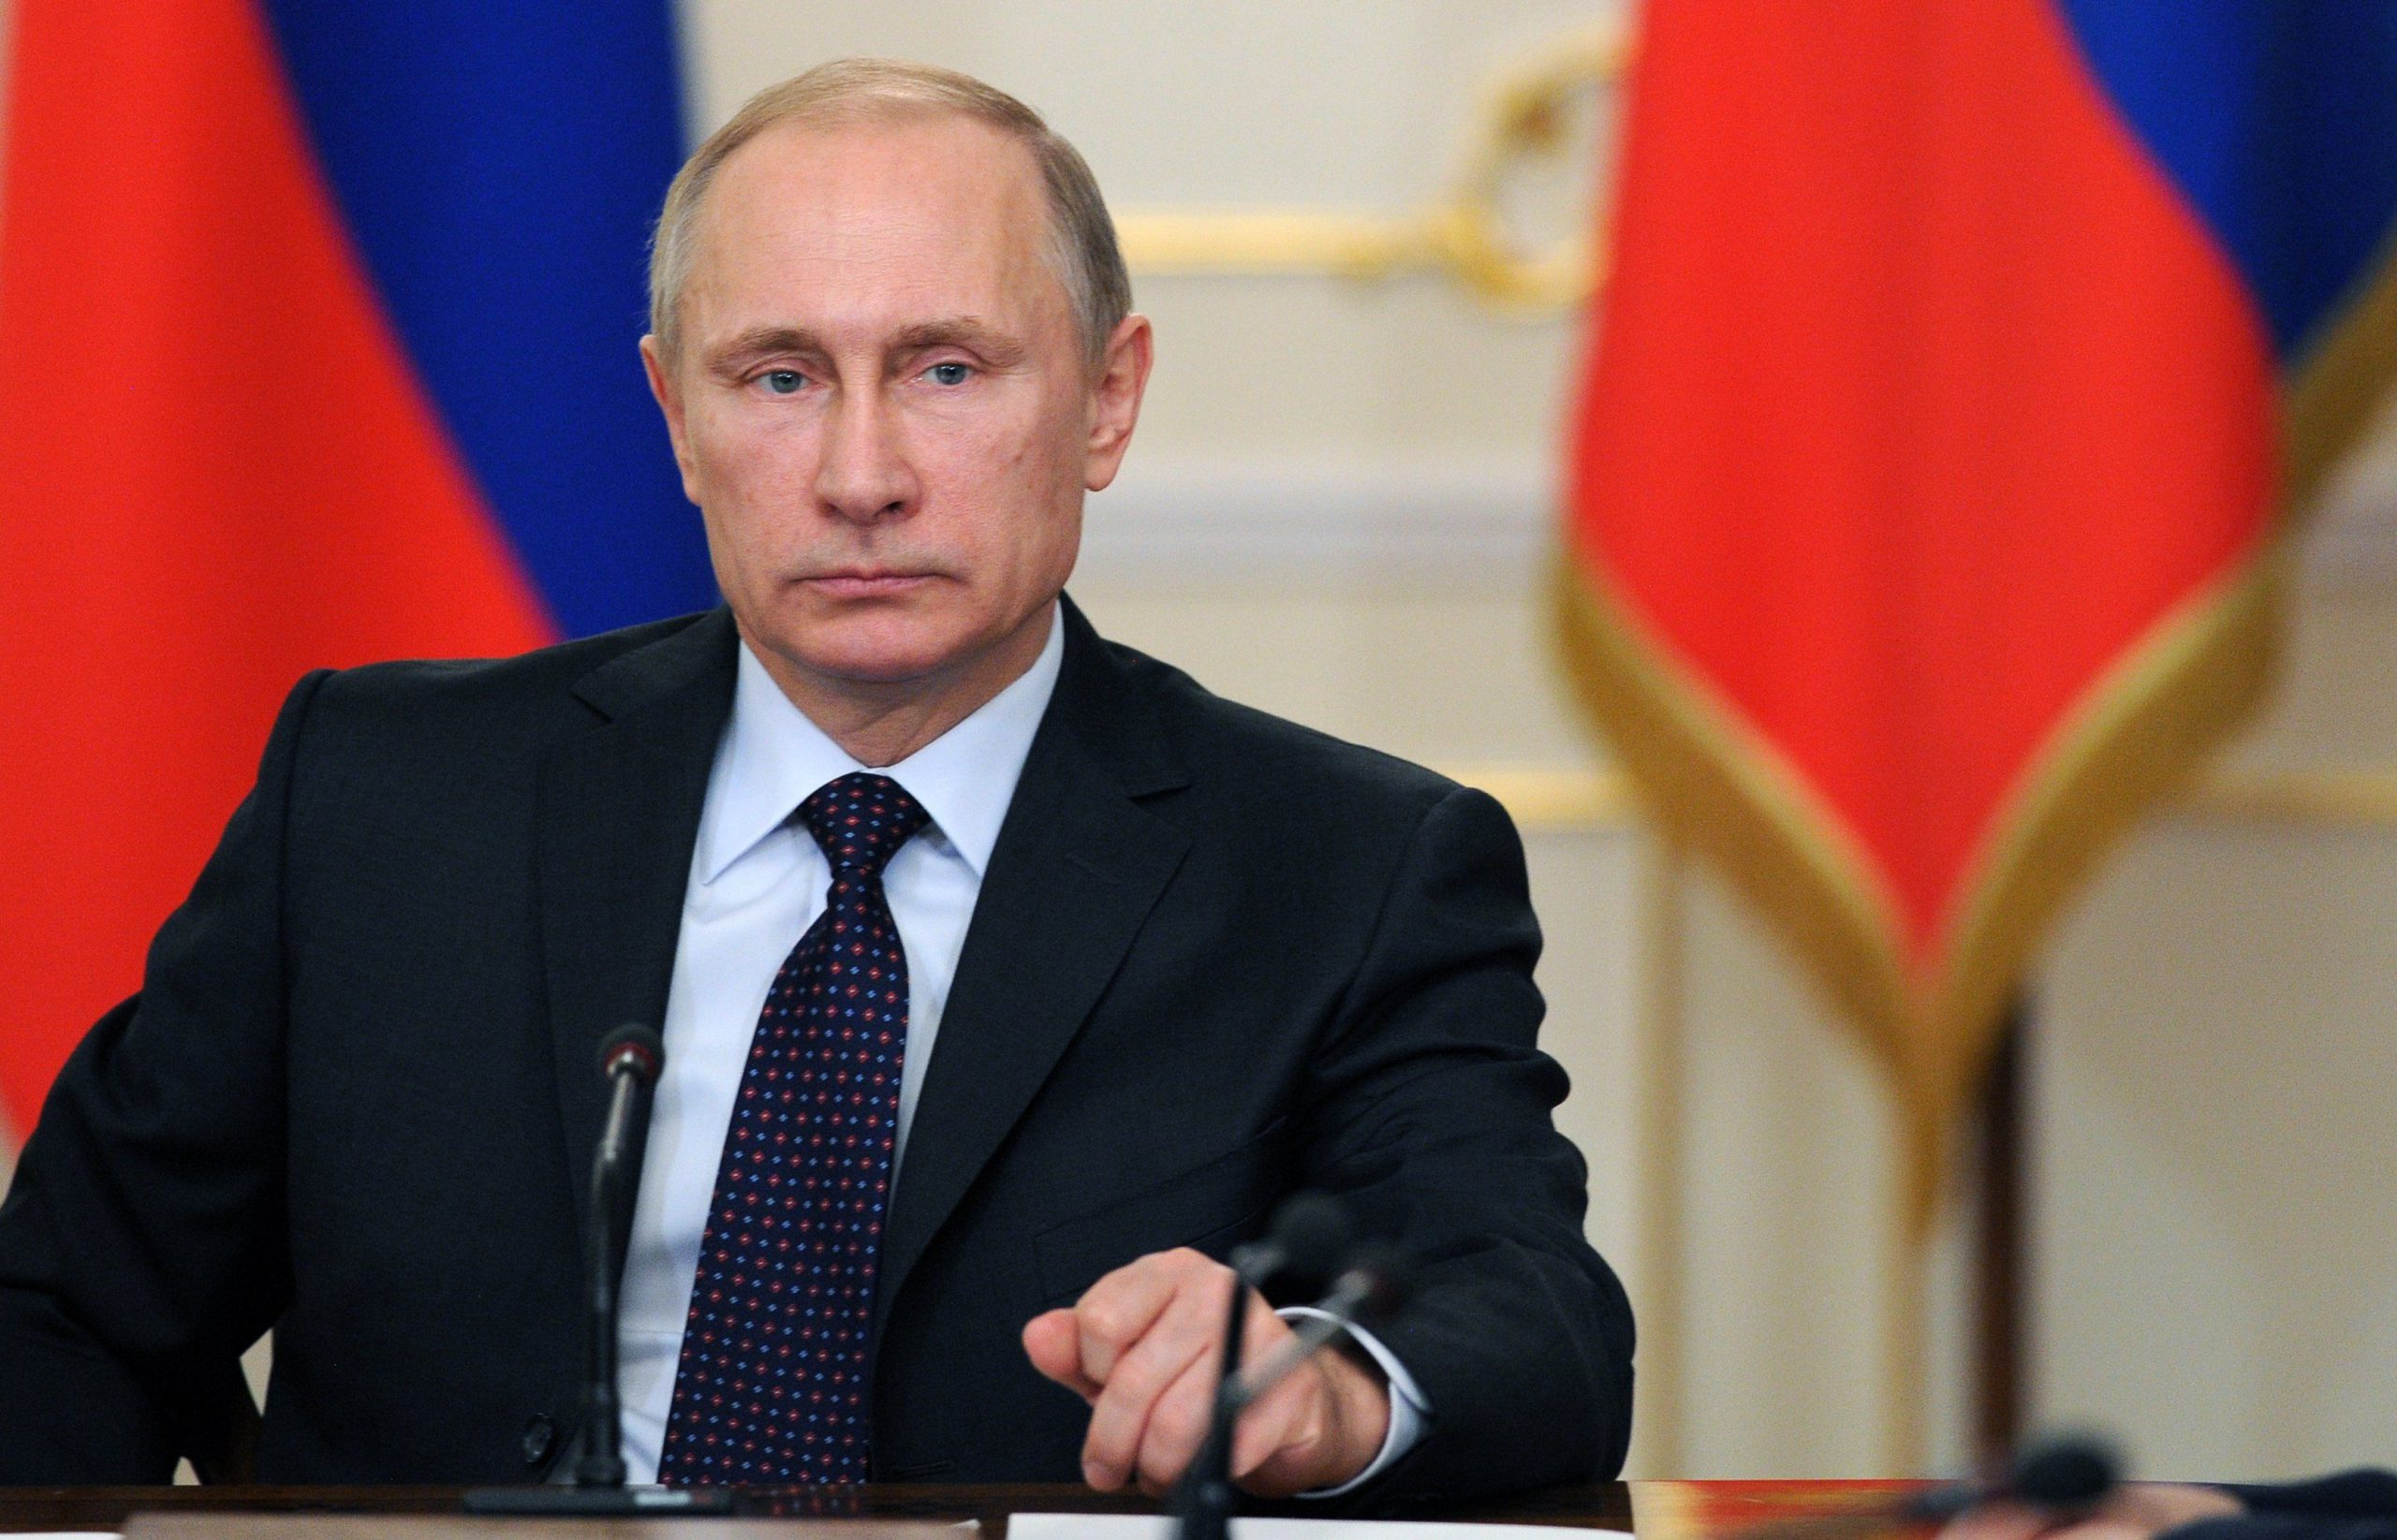 Путин чиновникам: «Послушайте меня внимательно! Эти деньги — за работу с больными коронавирусом, а не за часы и минуты»